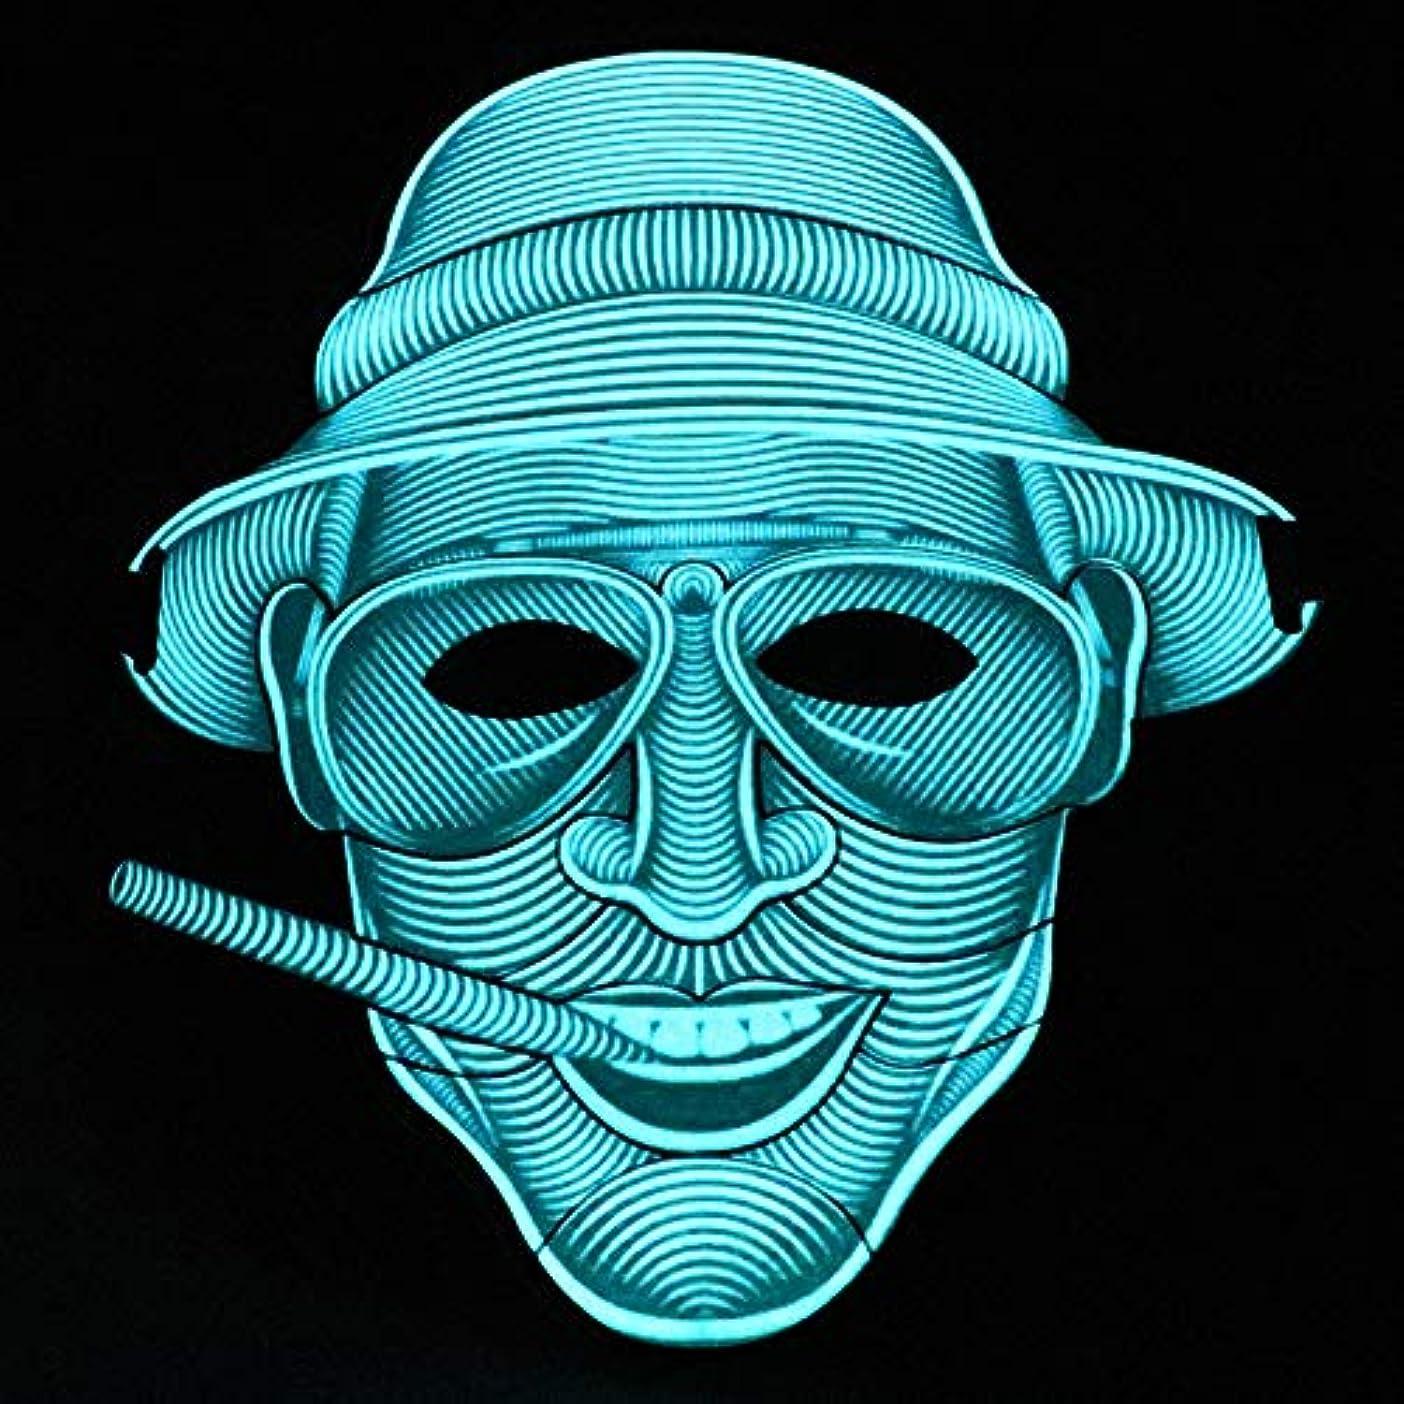 影響を受けやすいです雪クラシカル照らされたマスクLED創造的な冷光音響制御マスクハロウィンバーフェスティバルダンスマスク (Color : #3)